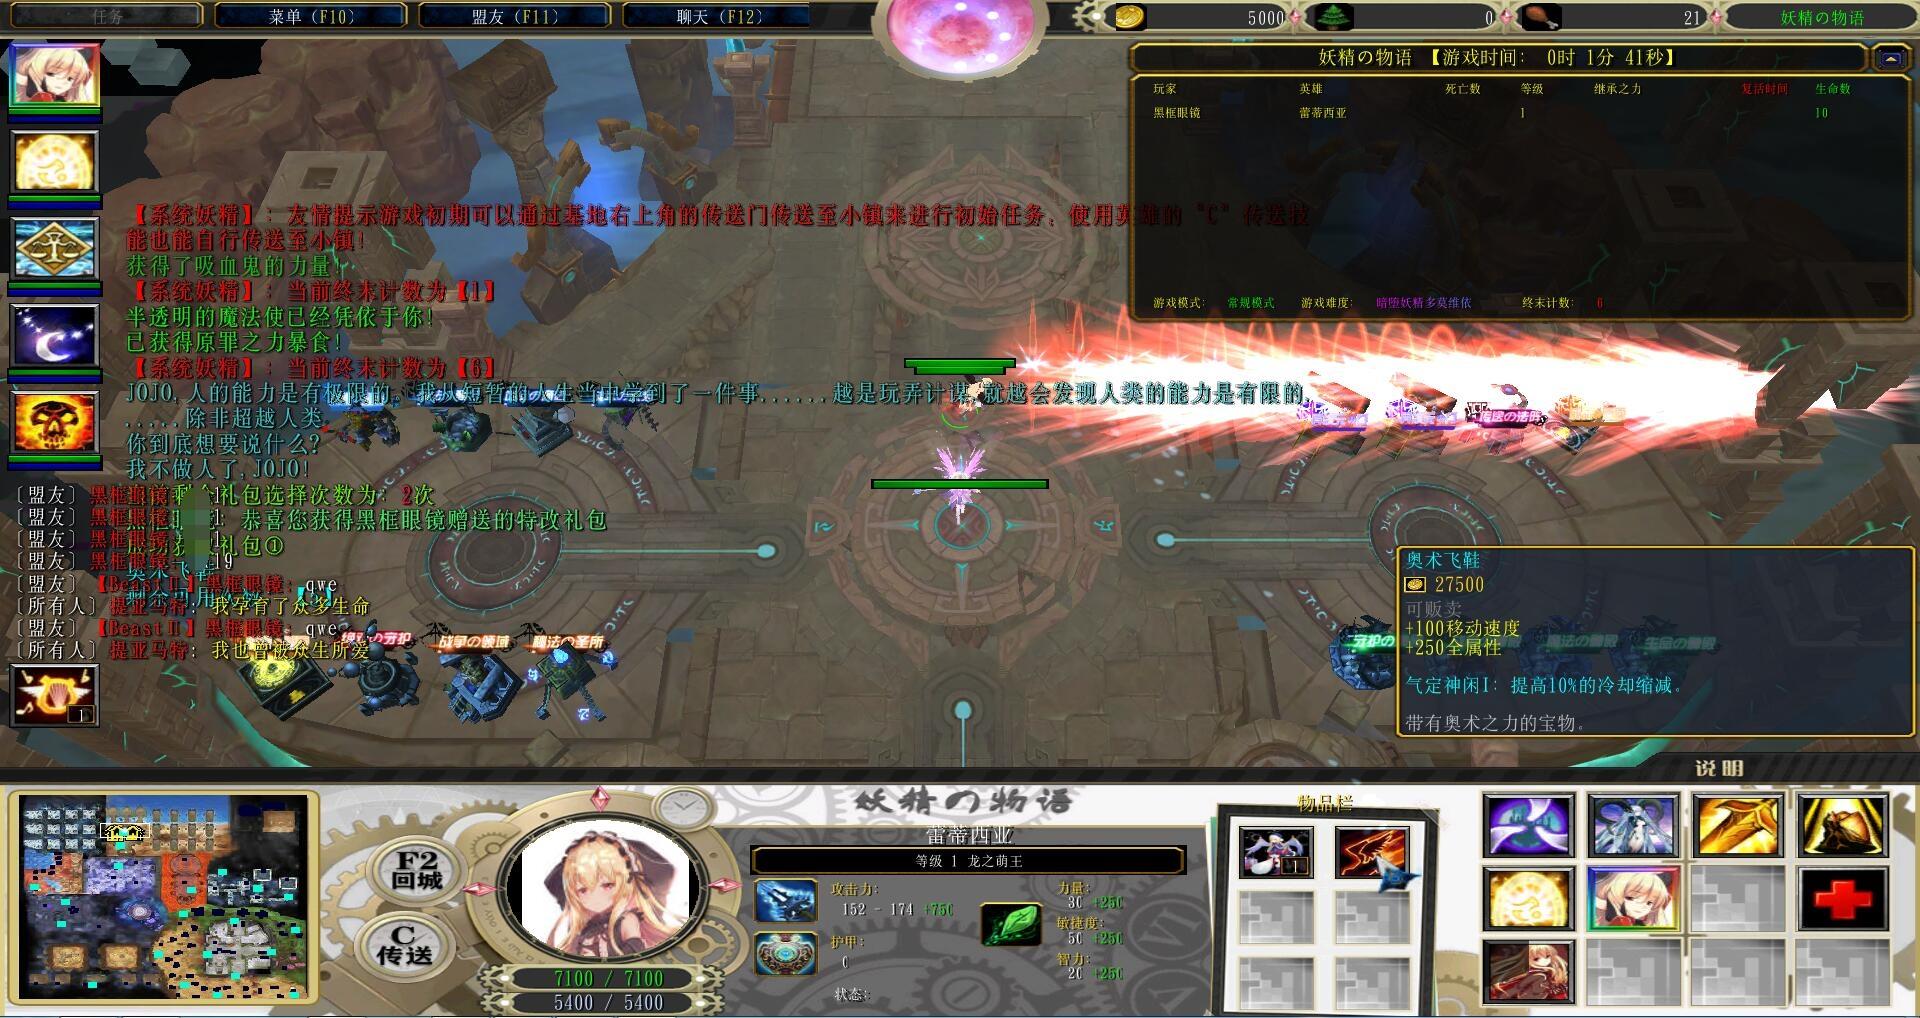 妖精の物语3.12test2黑式破解